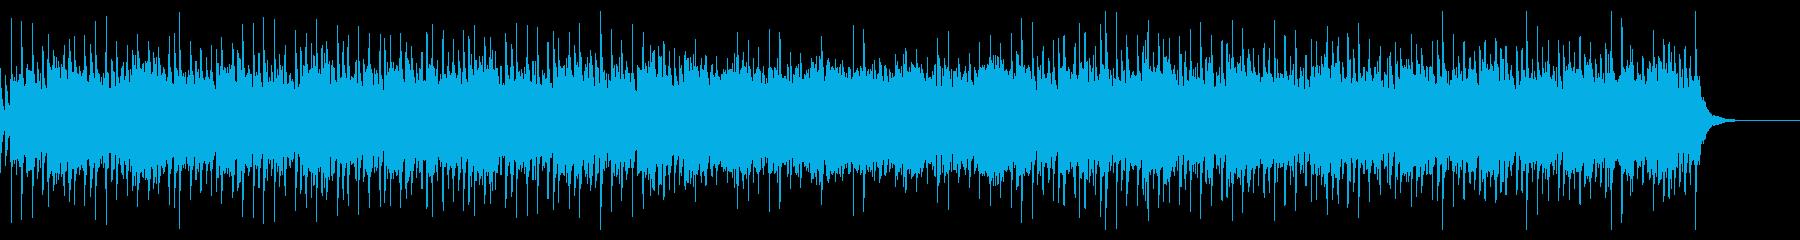 優しい琴の和風曲の再生済みの波形